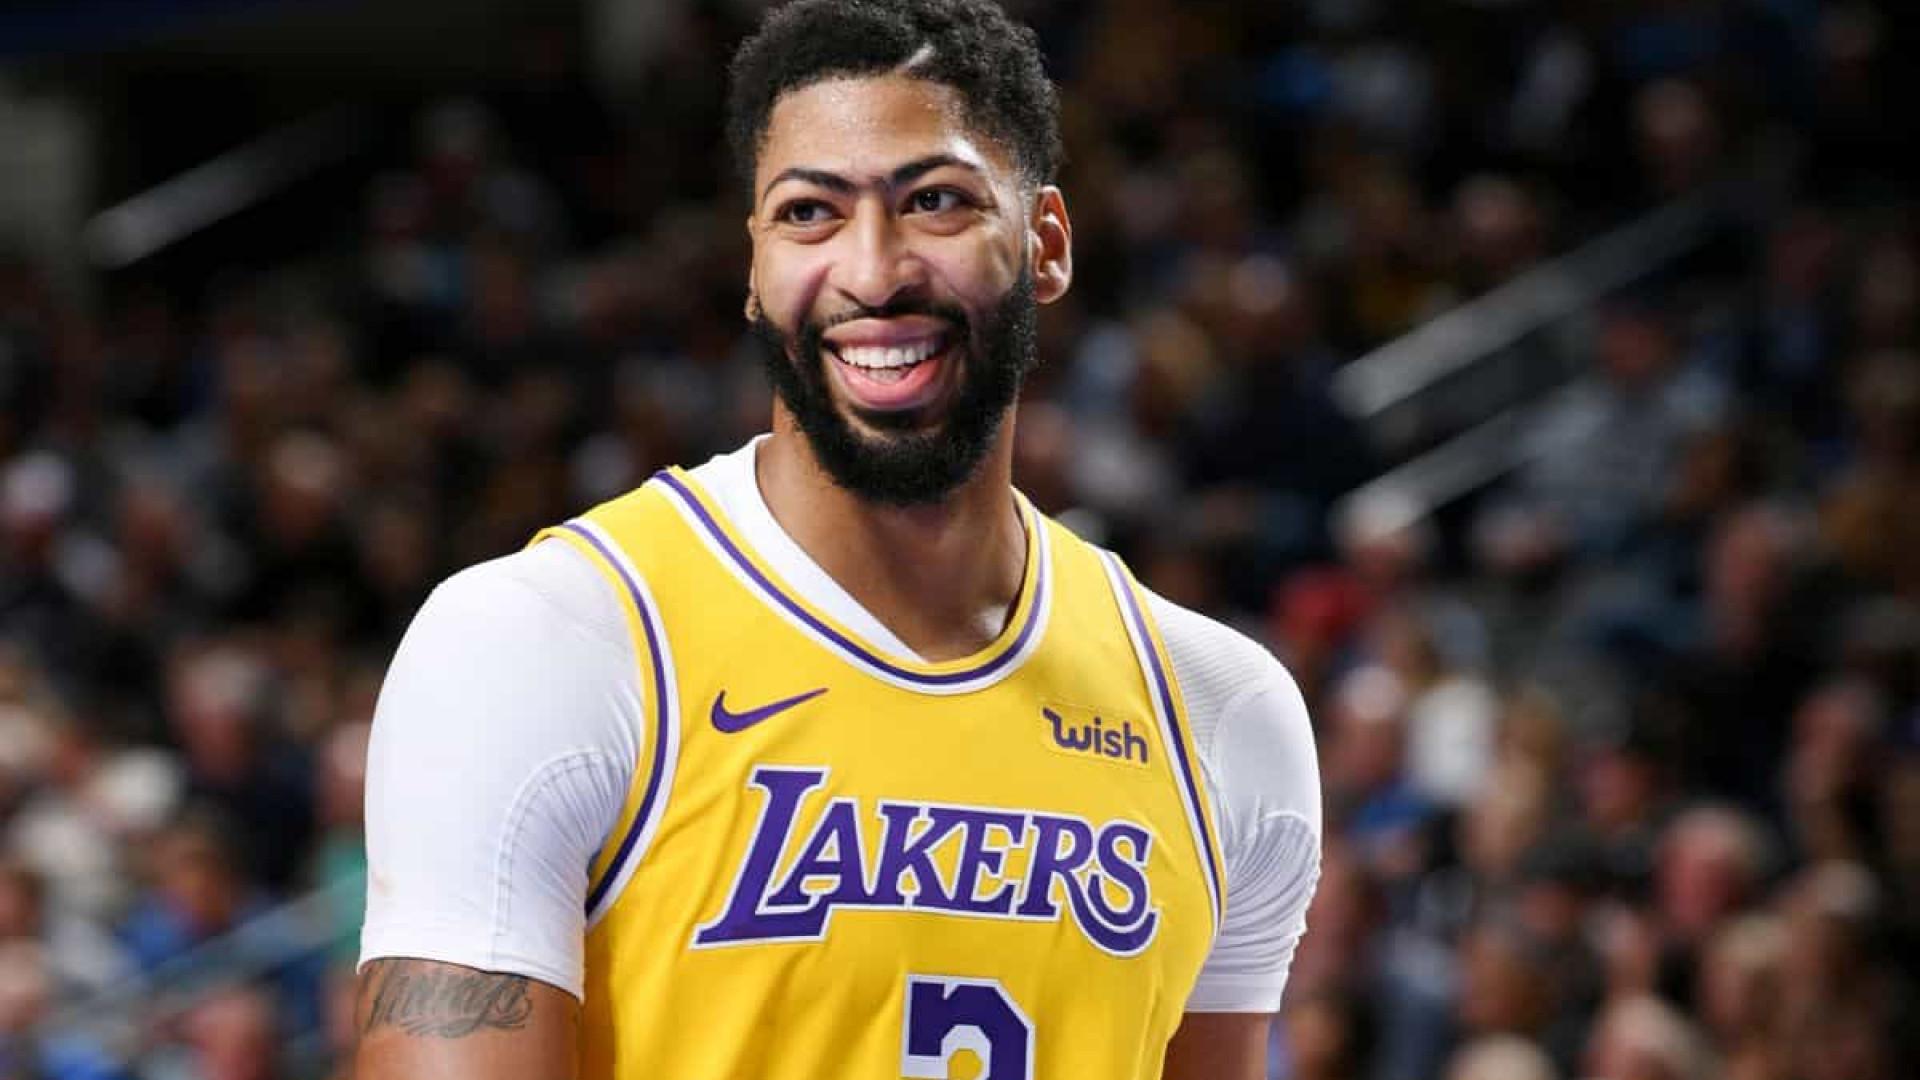 Com show de LeBron e Davis, Lakers eliminam os Blazers e vão às semis após 8 anos